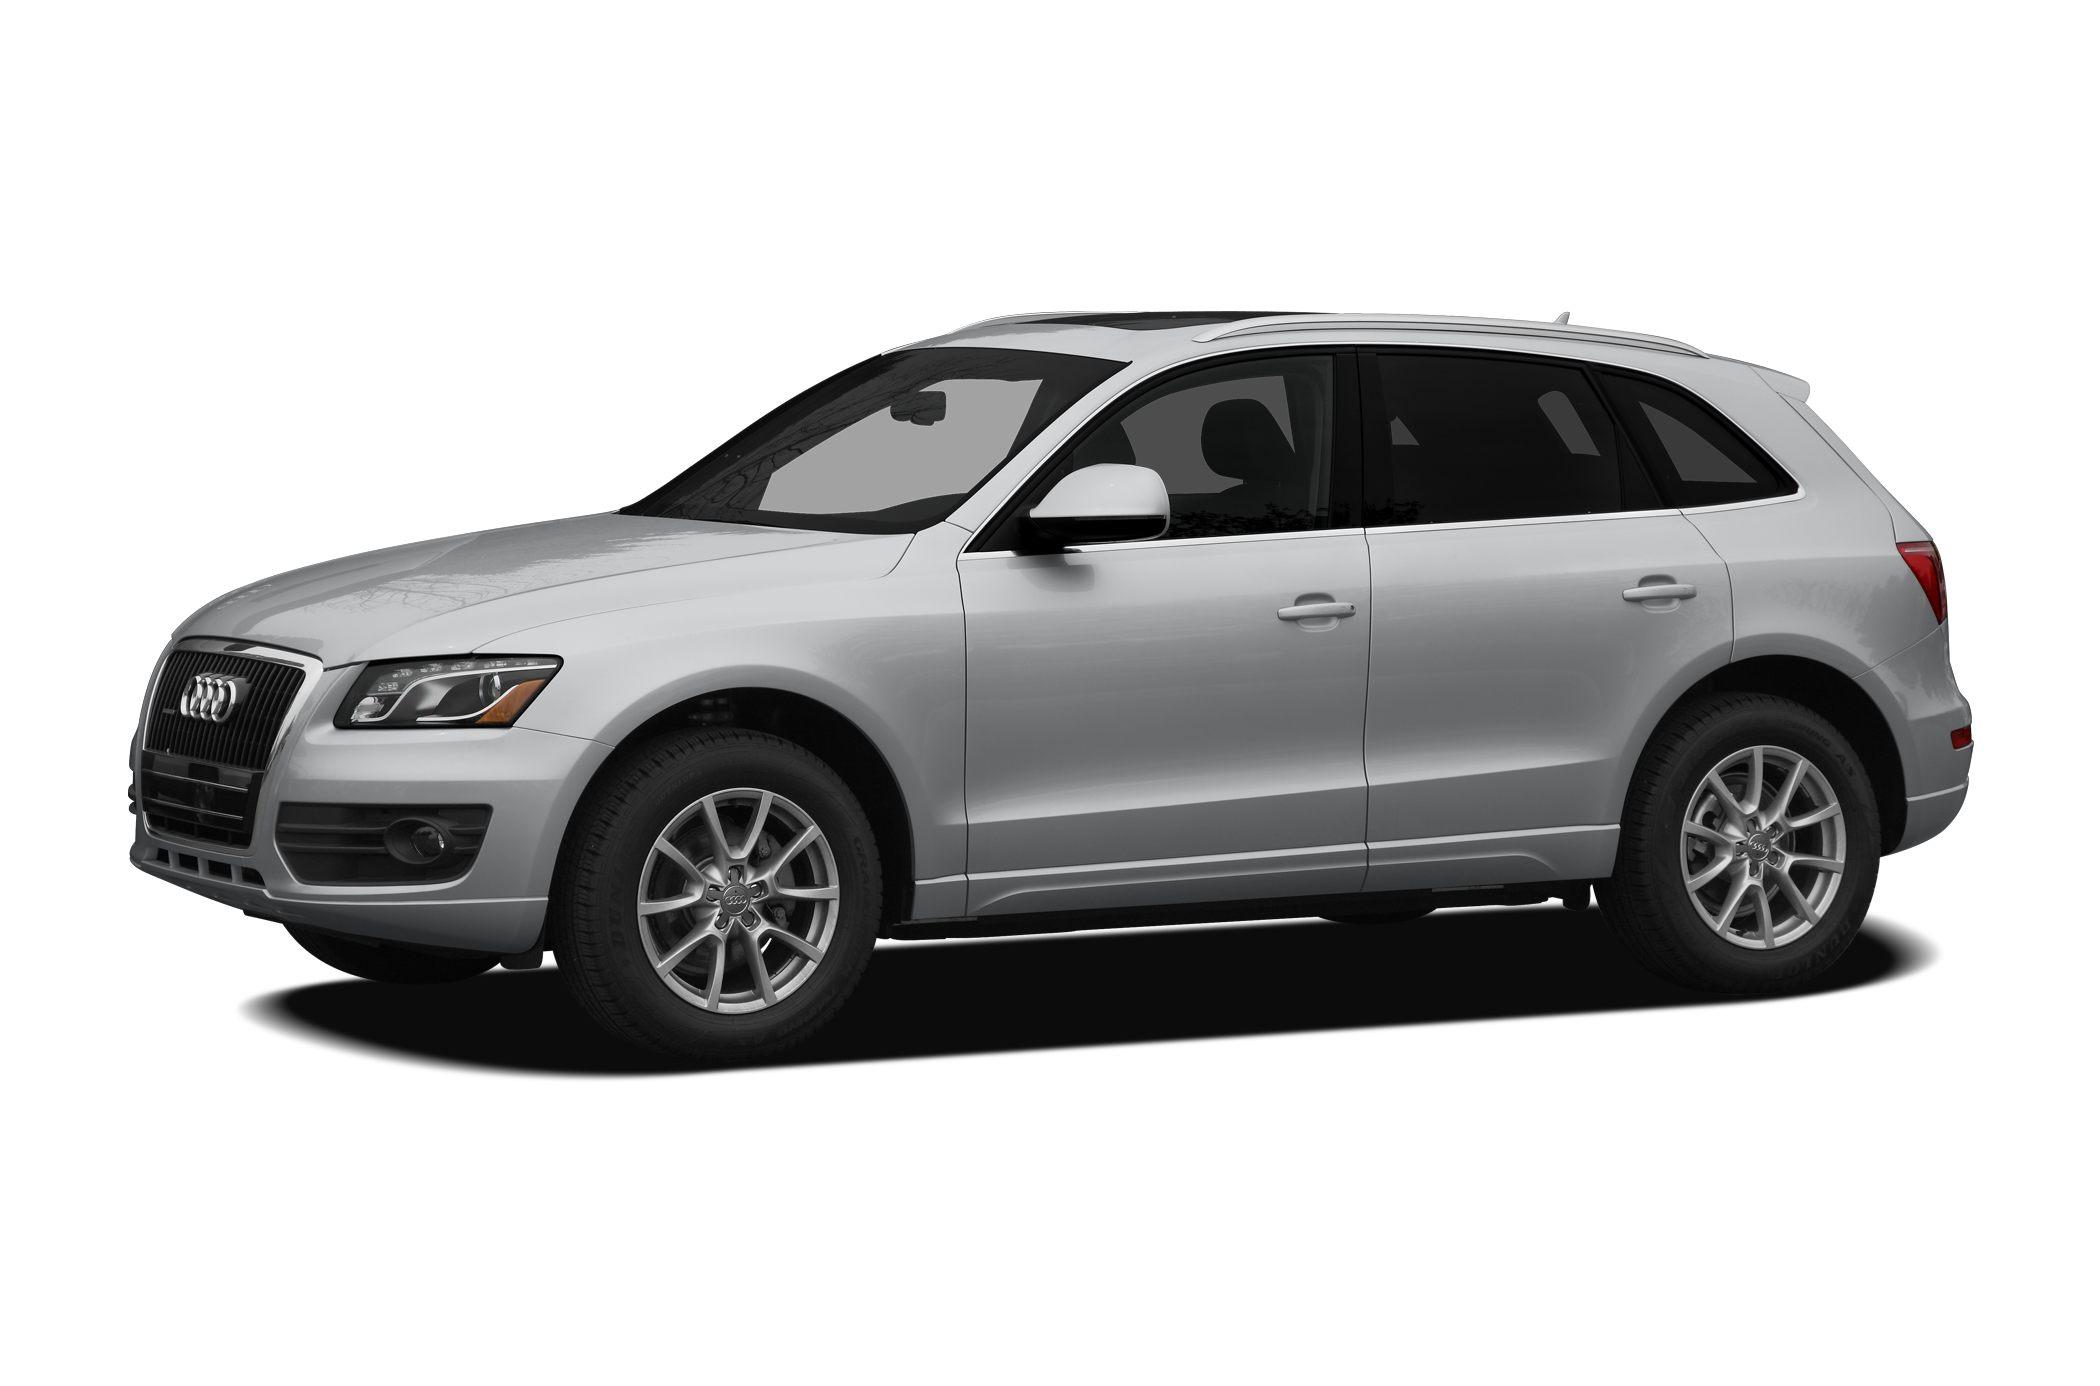 2012 Audi Q5 20T quattro Premium Carfax 2 Owner - AWD - Premium Plus Package - Navigation System